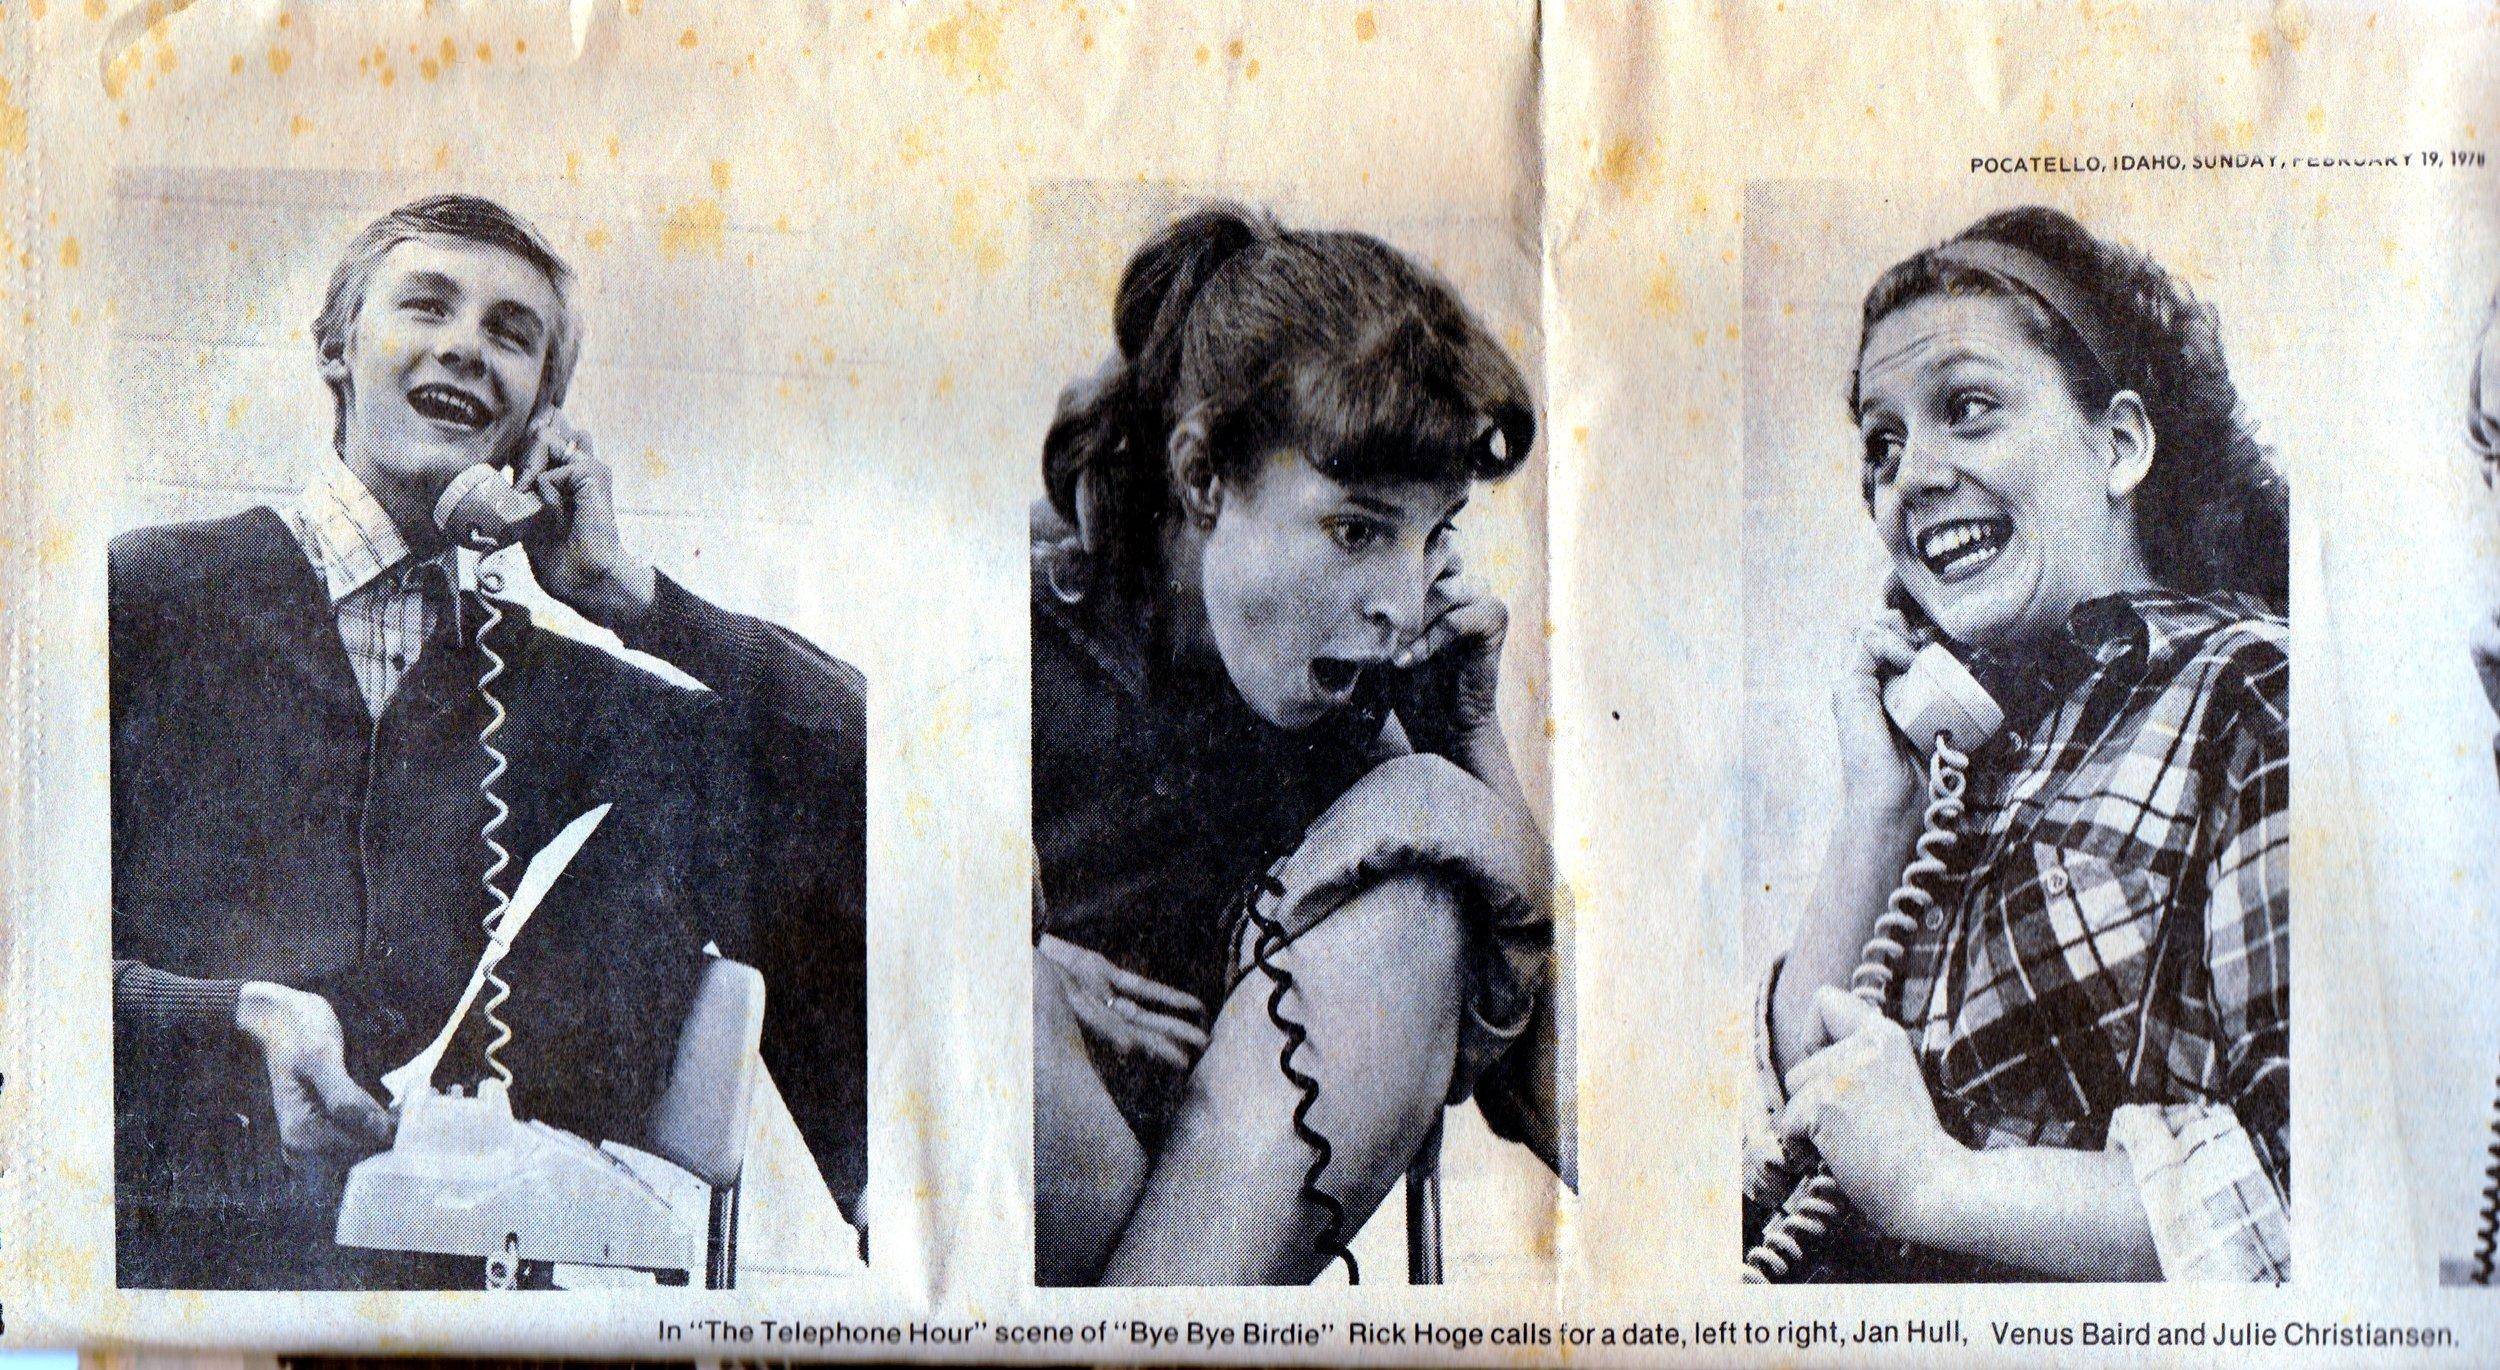 1978-02-23-25-BYEBYEBIRDIE-NEWSPAPERCLIPPING-3.jpeg